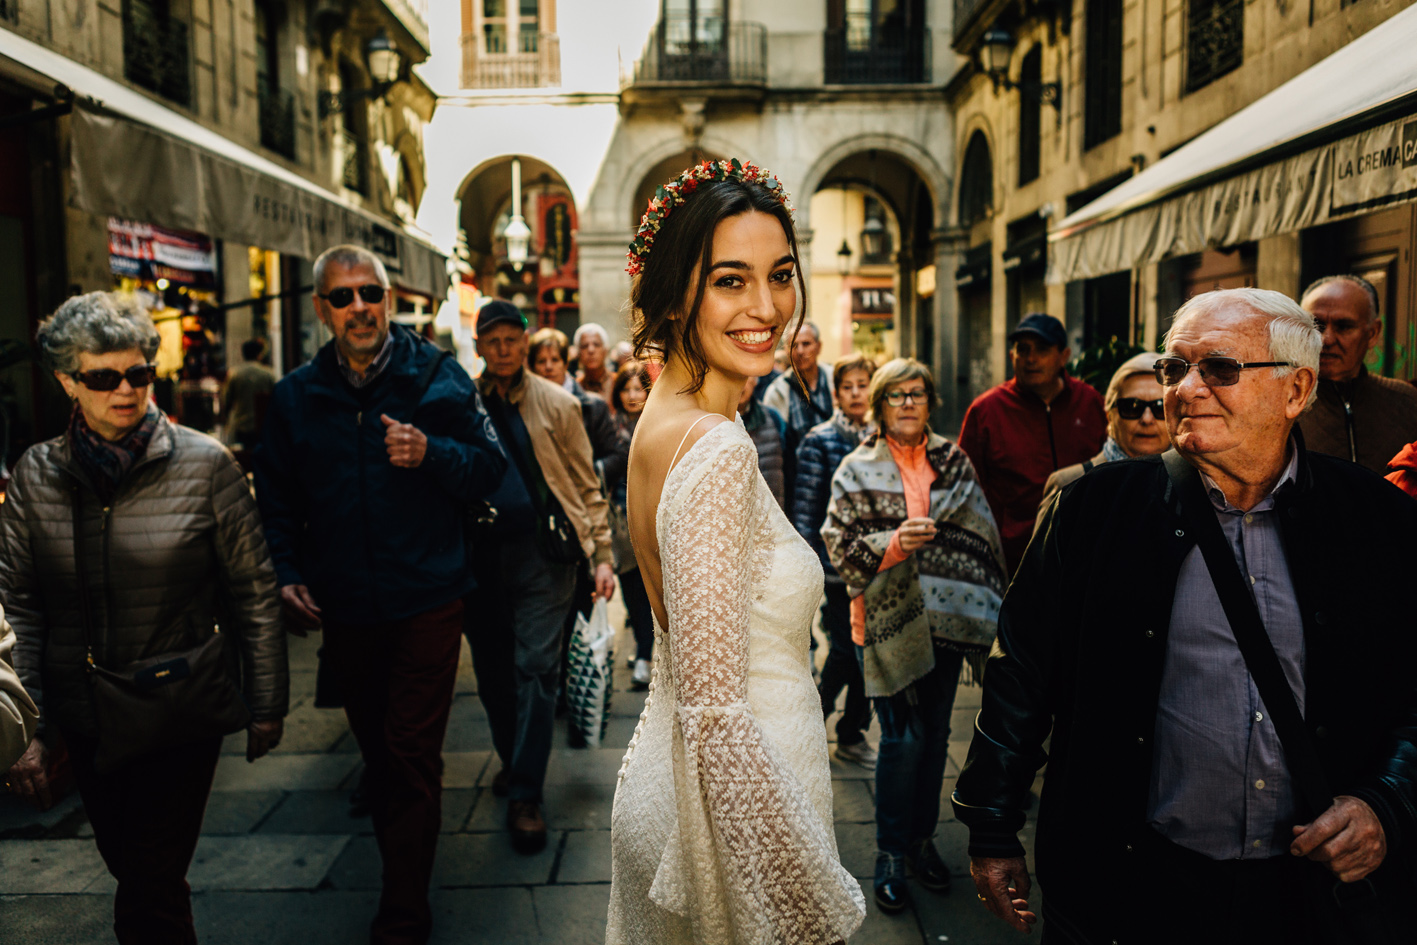 pierreatelier-photographe-paris-barcelone-couronnes-de-victoire-mariage-fleur-208.jpg